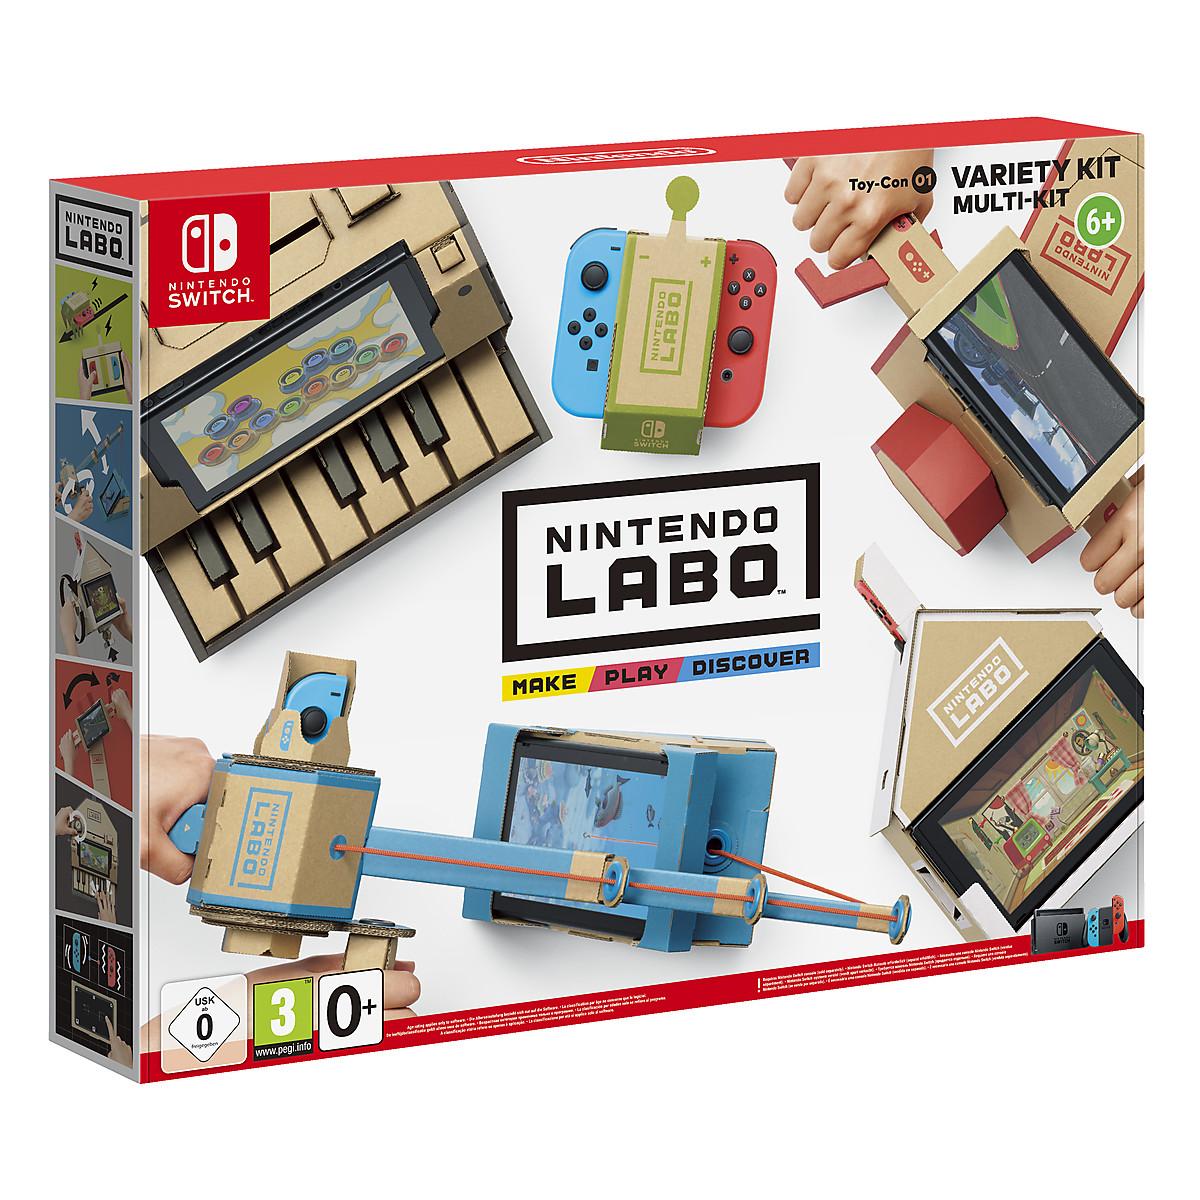 Toy-Con 01: Variety Kit, Nintendo Labo, Spiel für Nintendo Switch